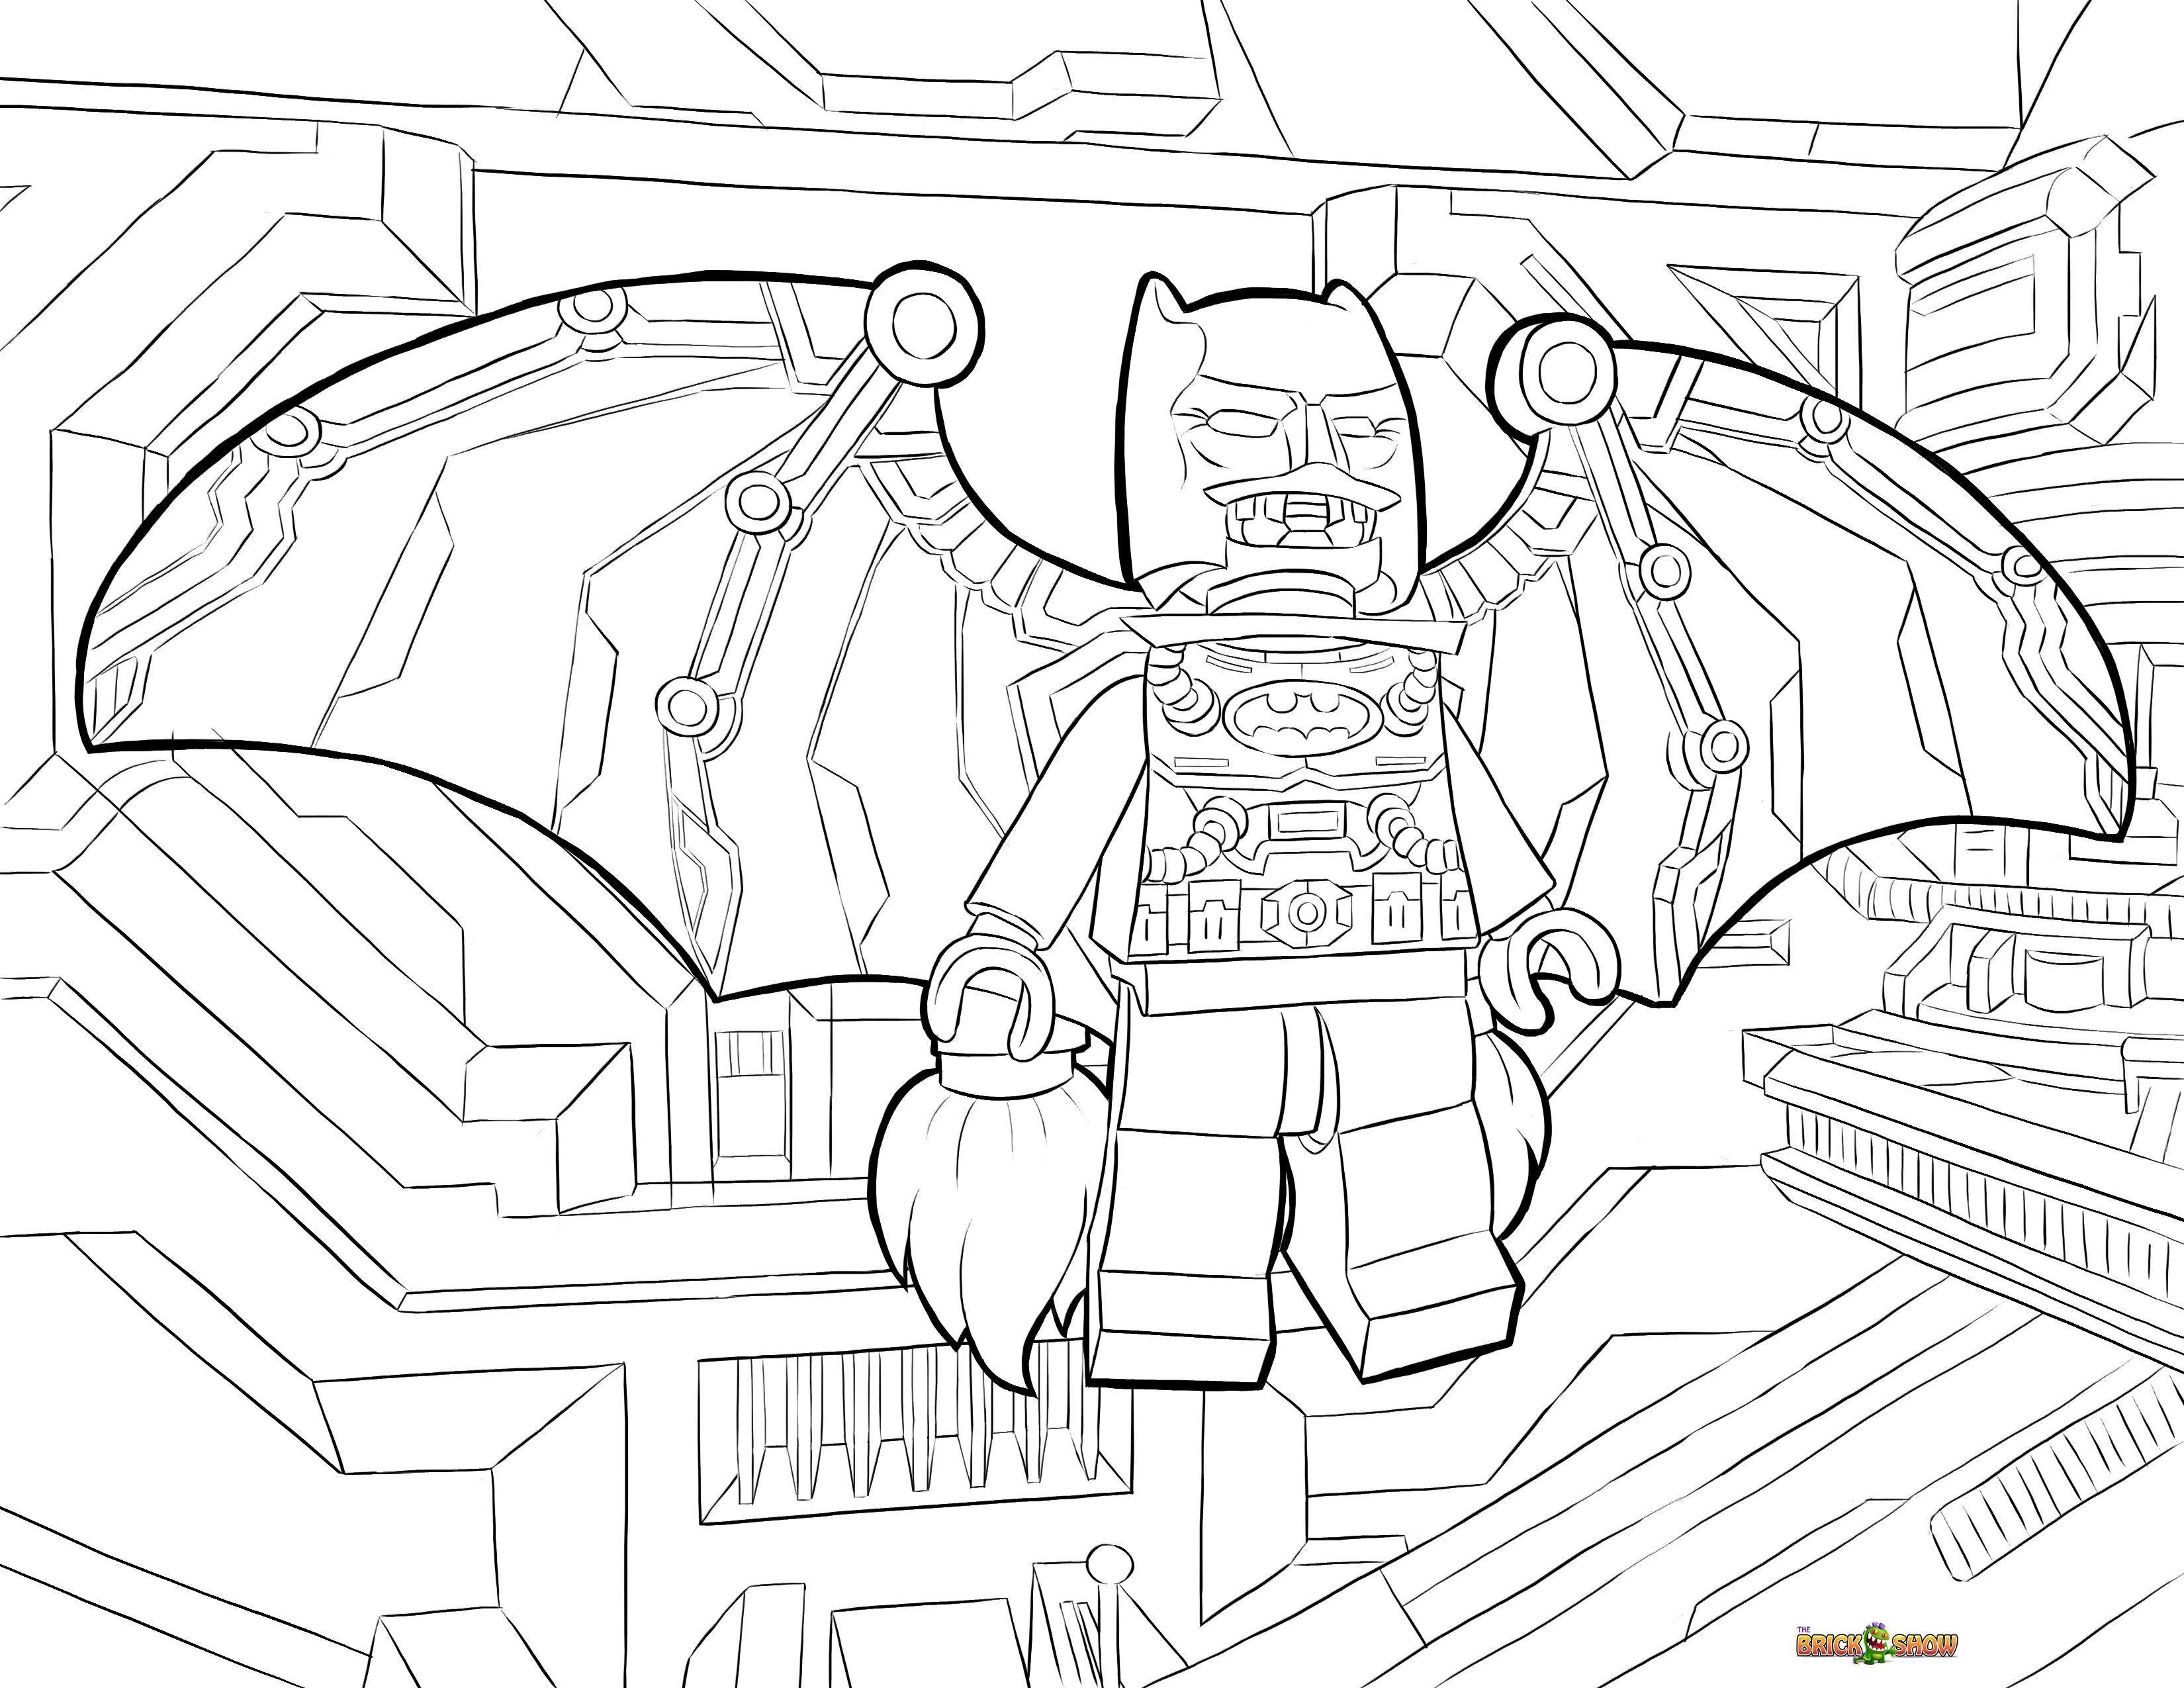 Lego Batman Coloring Page 7 3300—2550